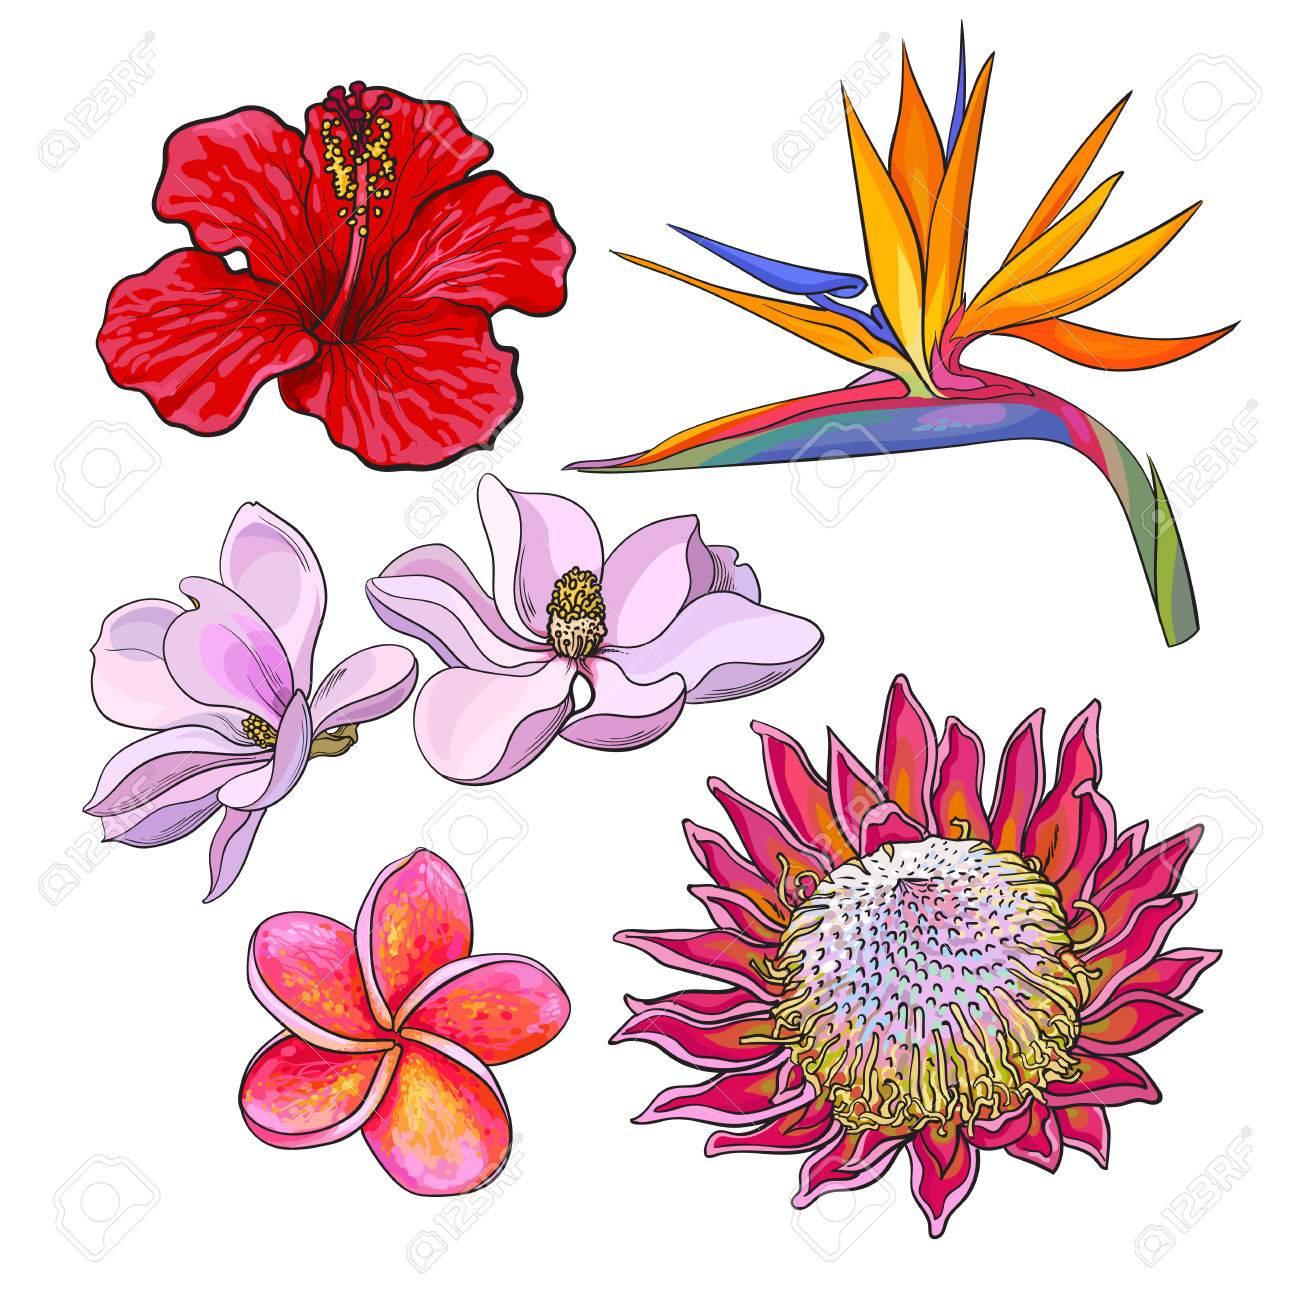 熱帯の花 ハイビスカスプロテアプルメリアバードオブ パラダイス